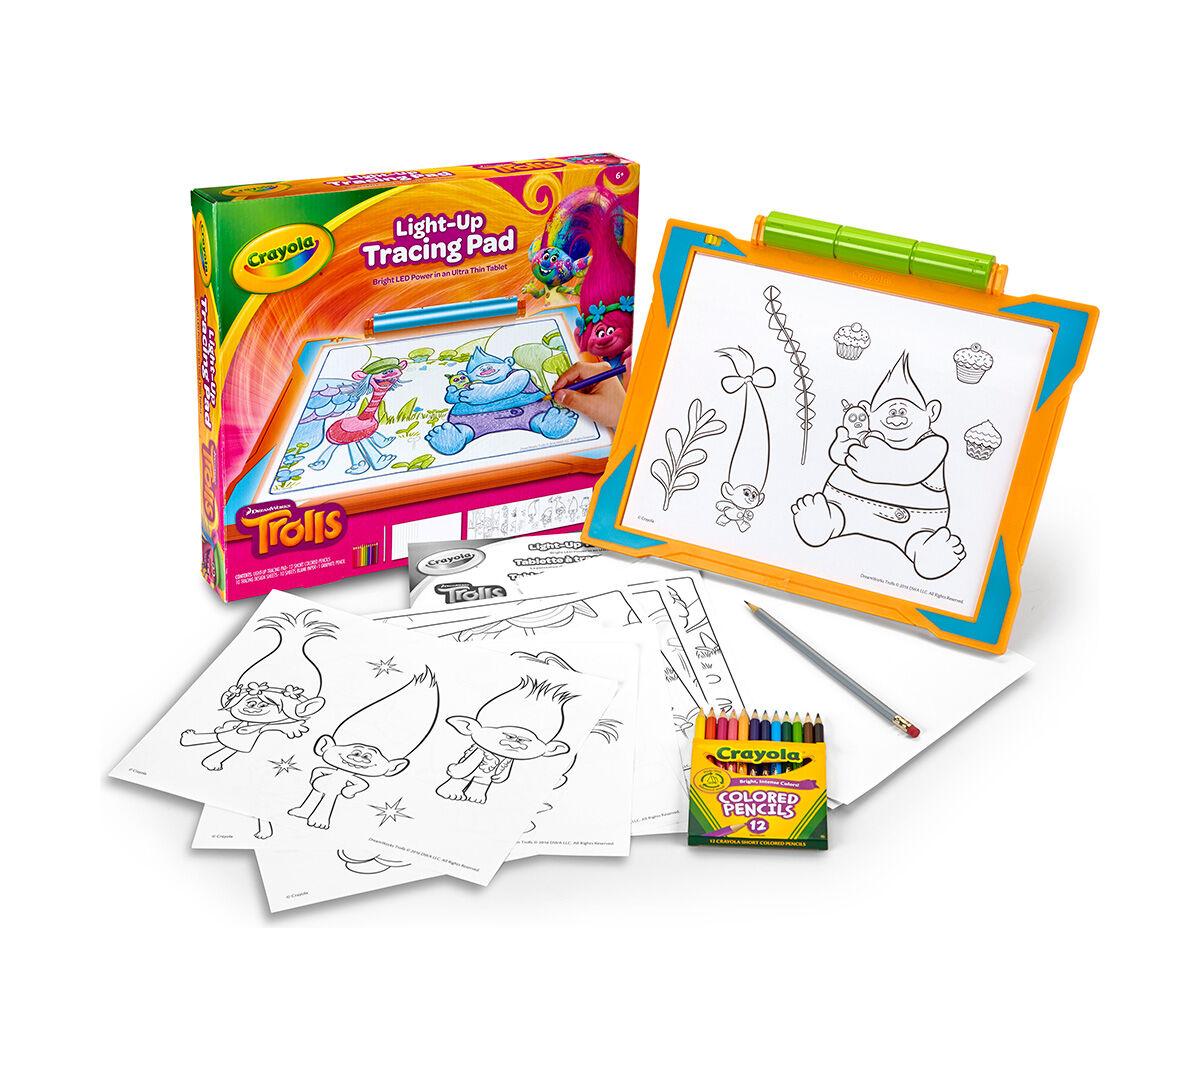 Trolls Light Up Tracing Pad Crayola